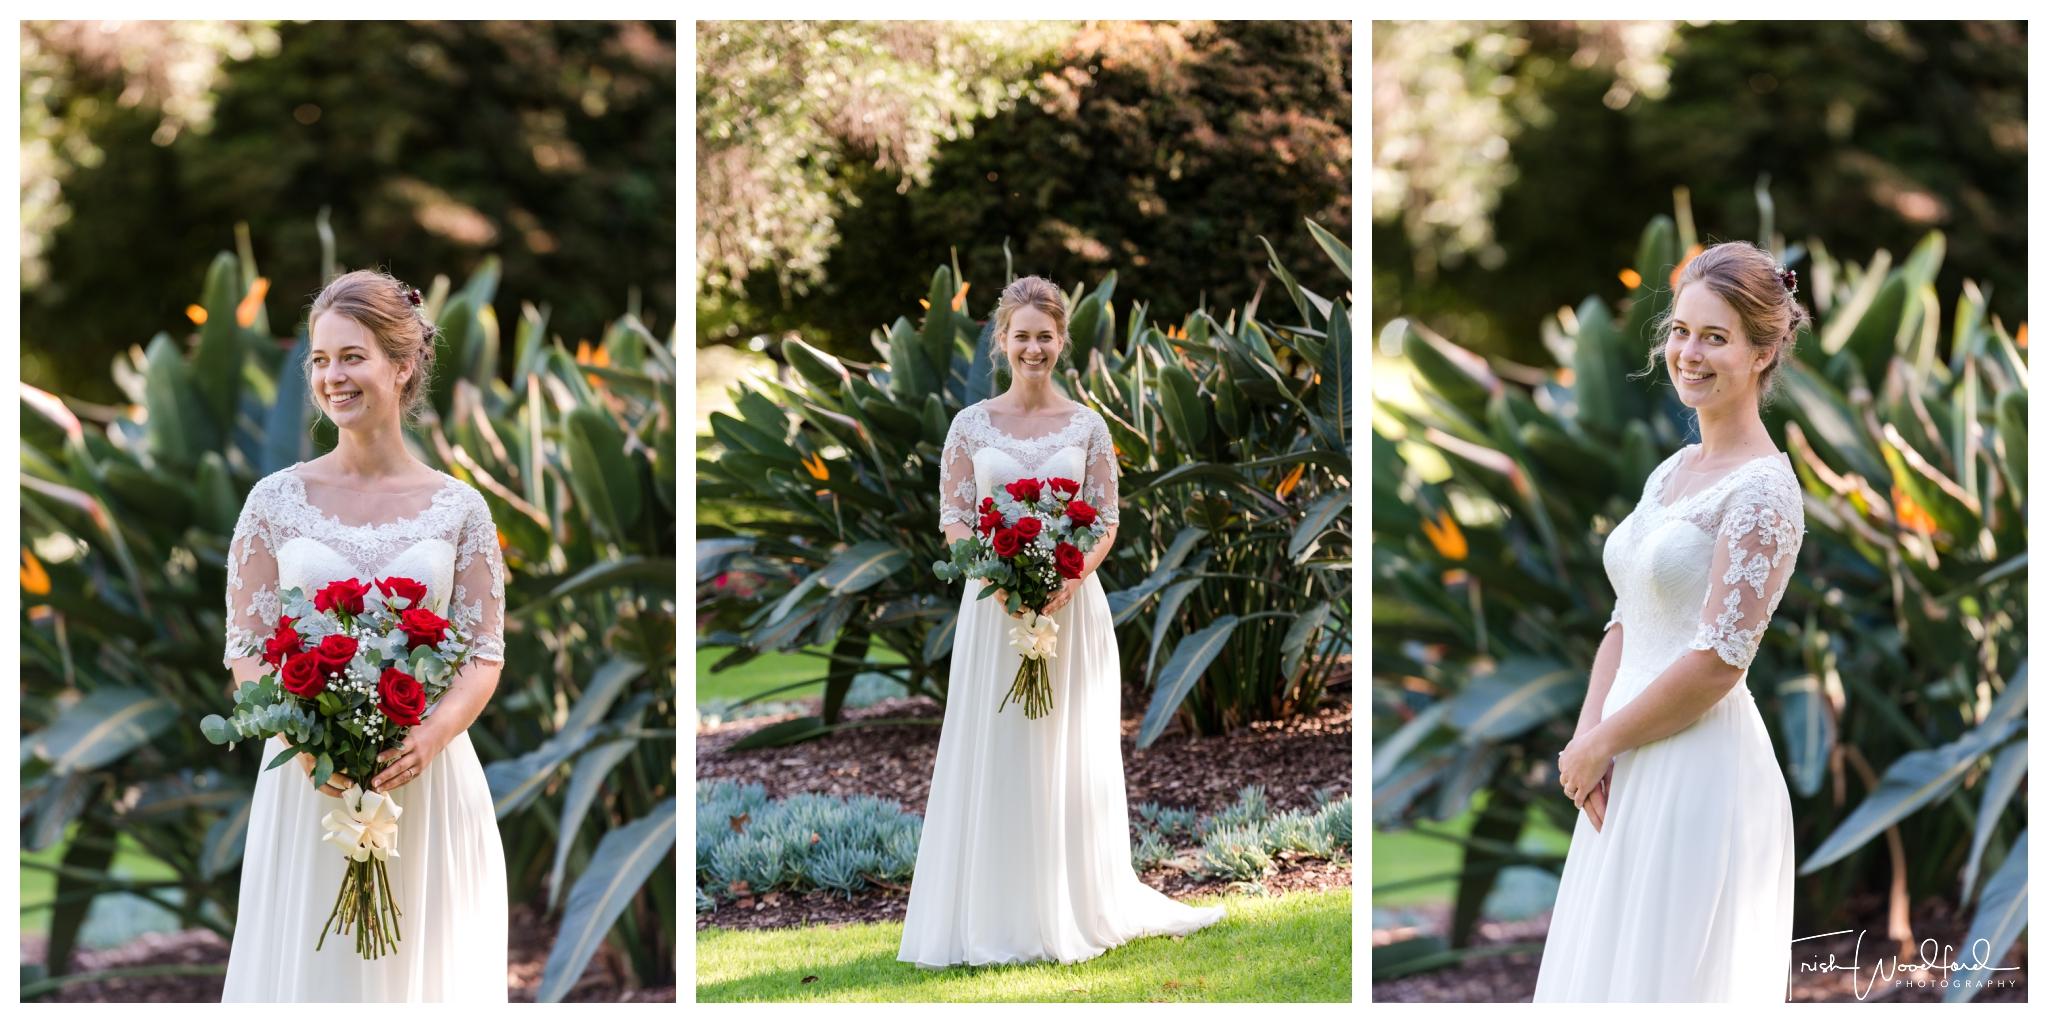 bride-hyde-park-wedding-photo